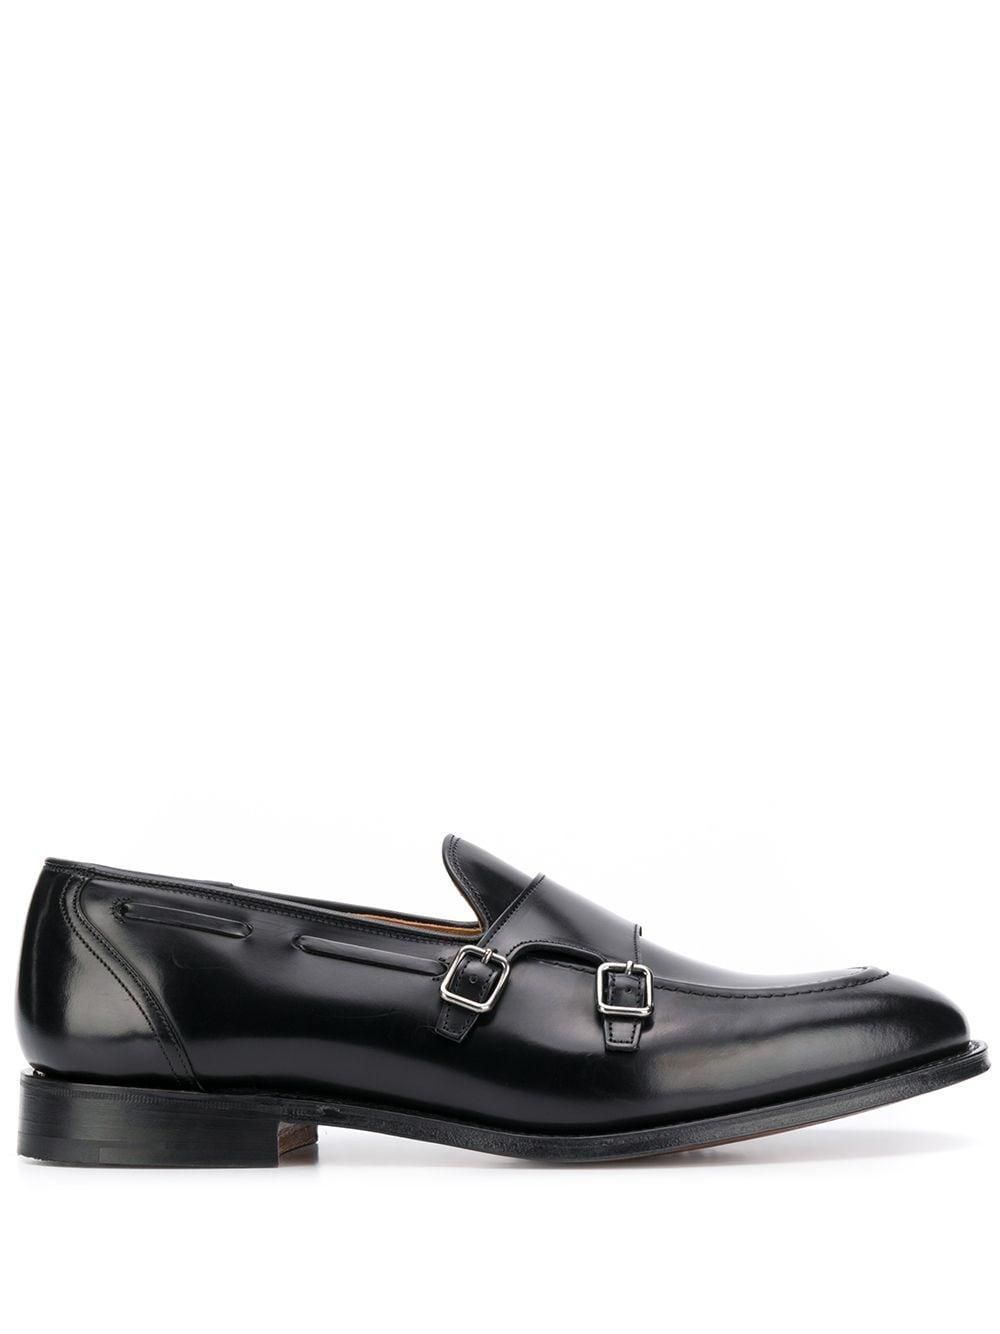 Church's Leer Clatford Loafers Met Dubbele Gesp in het Zwart voor heren - Bespaar 28%